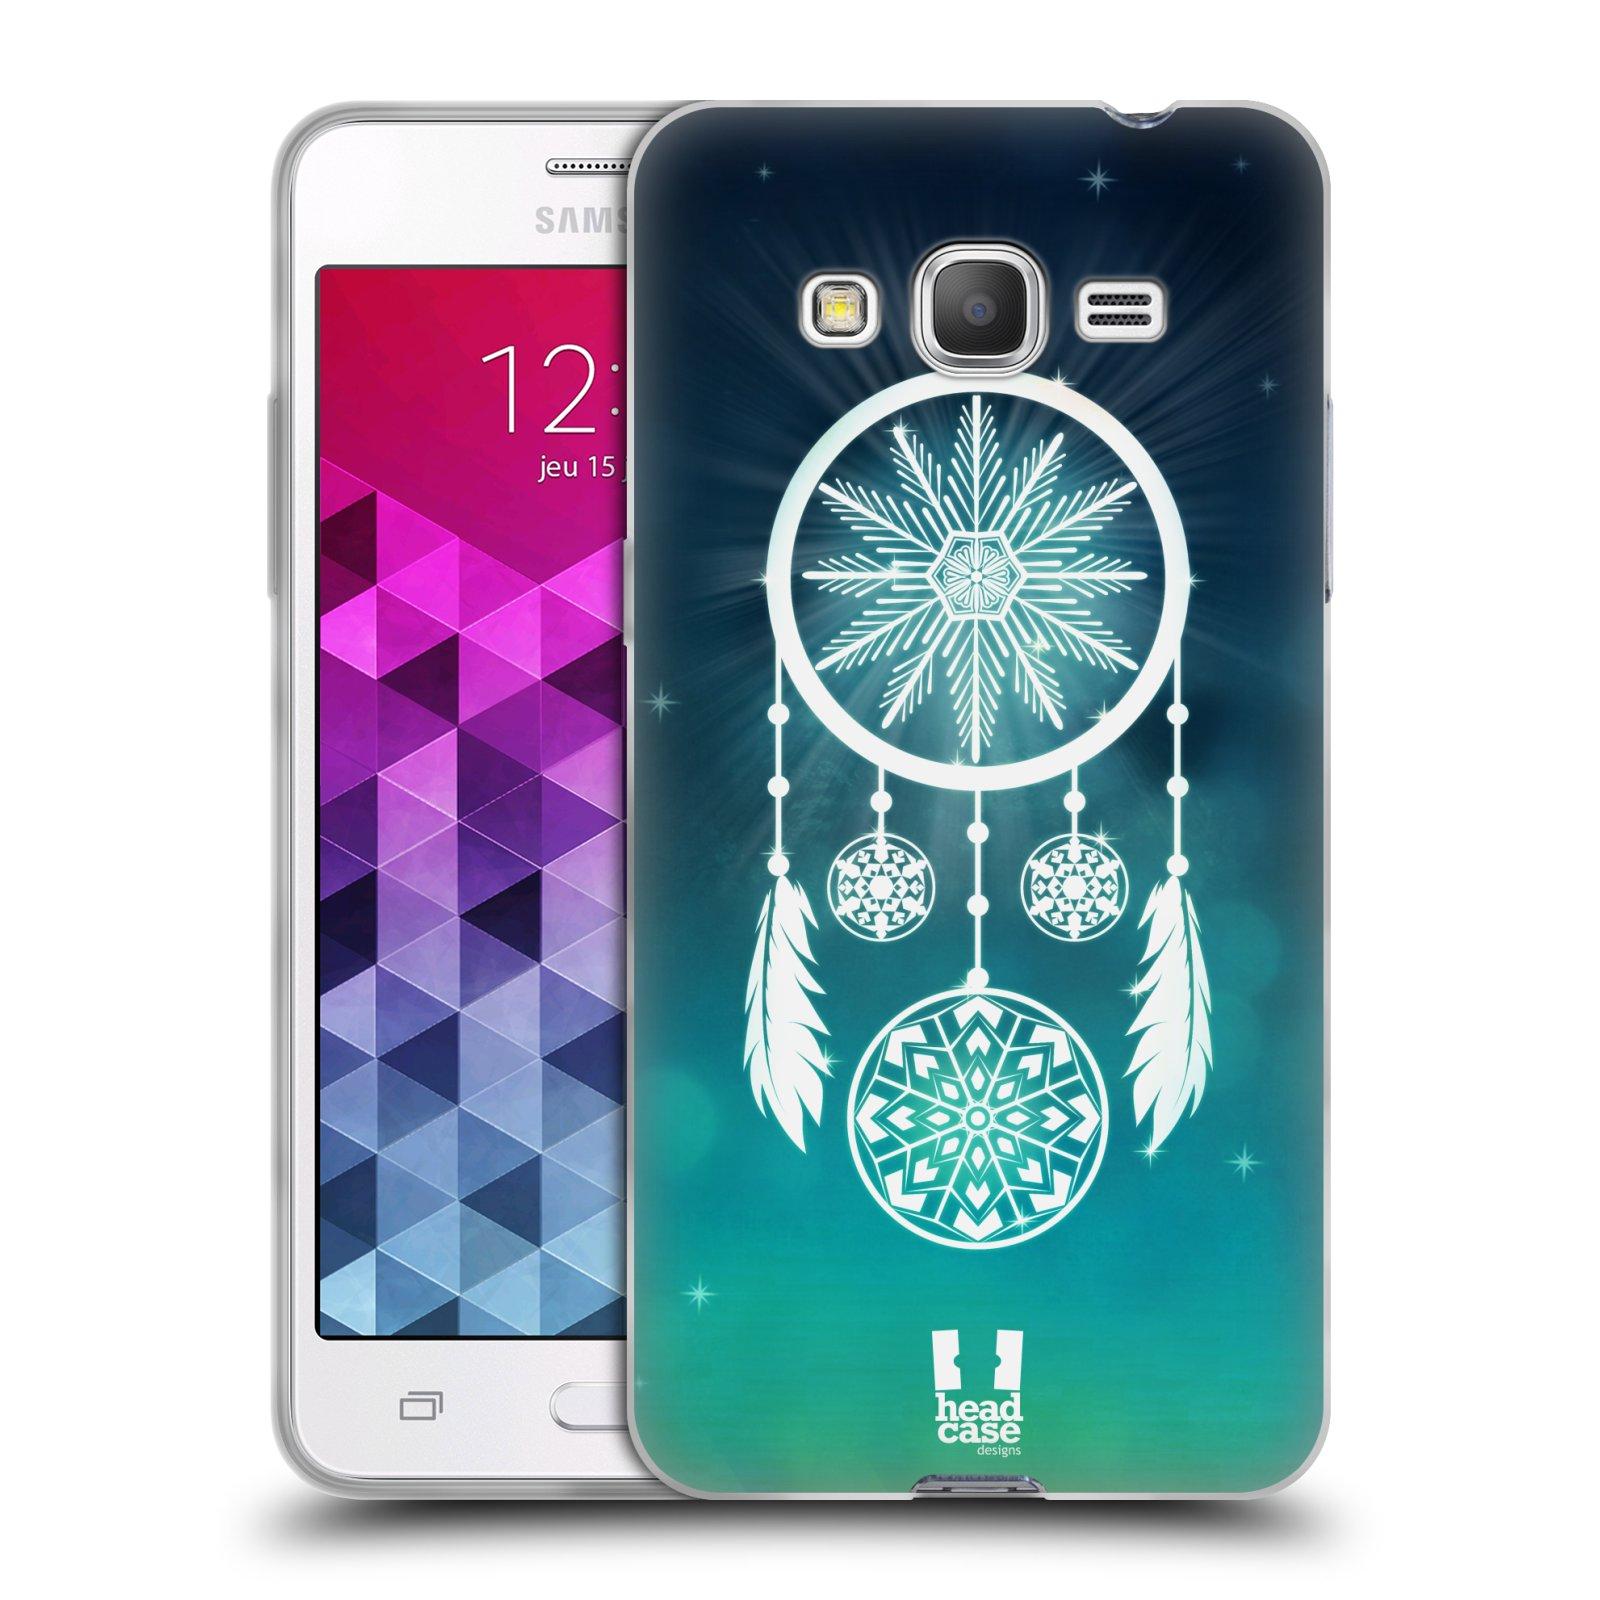 Silikonové pouzdro na mobil Samsung Galaxy Grand Prime VE HEAD CASE Lapač vločky